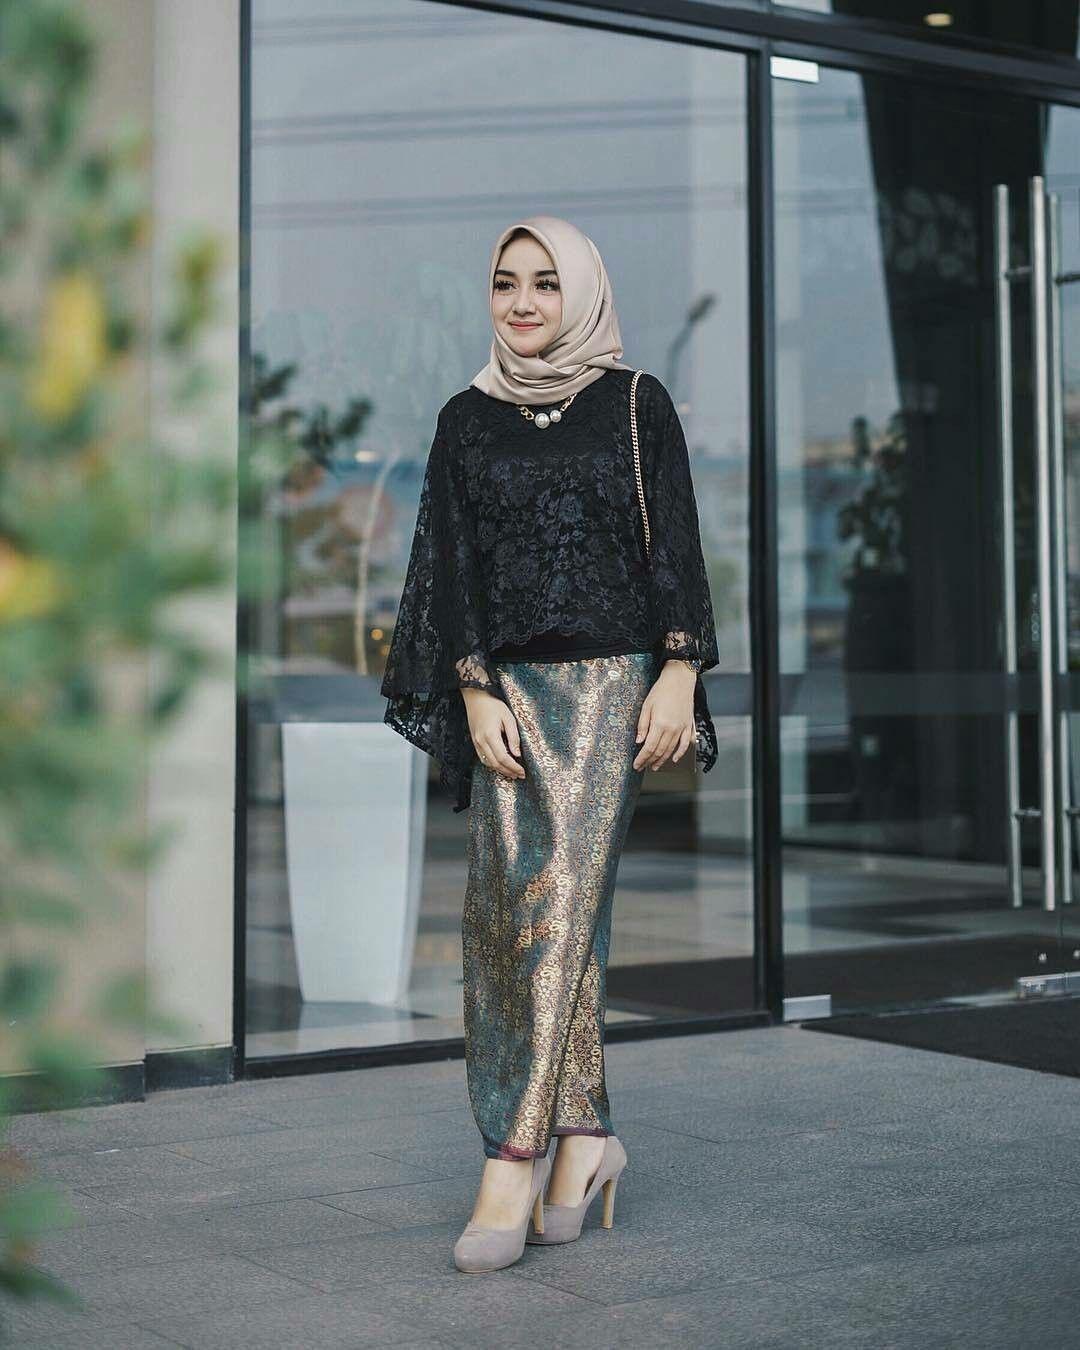 393+ Ide Model Baju Kebaya Ootd Kekinian